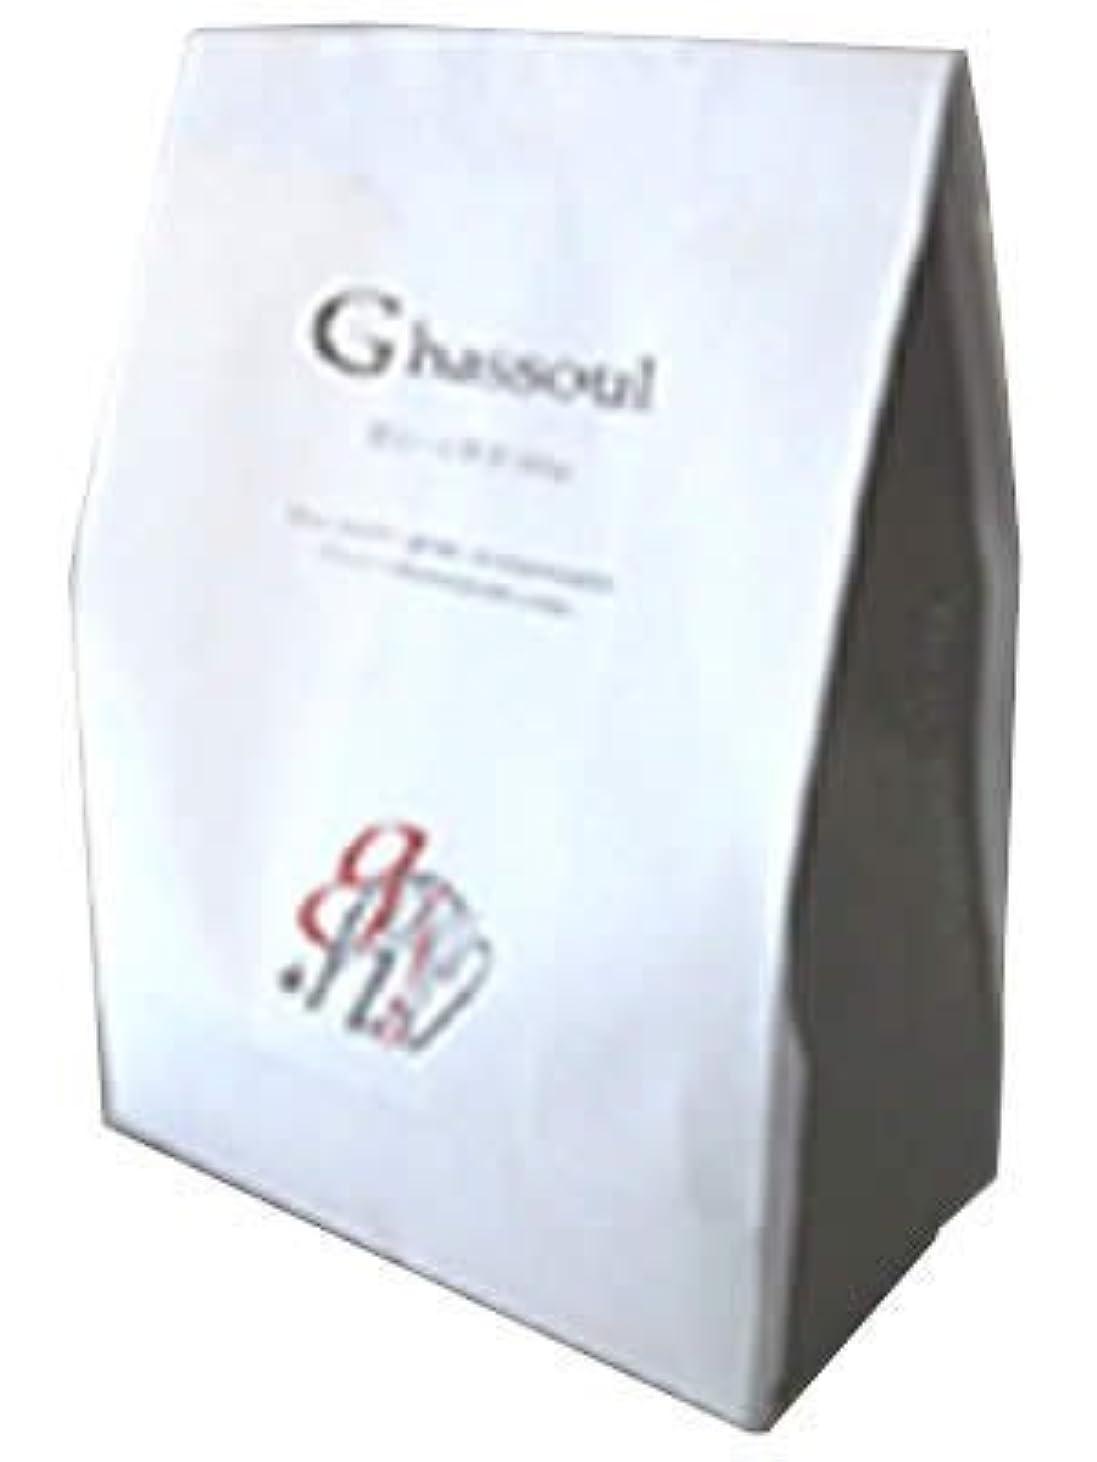 によって平らなパースナイアード ガスール固形(タブレット)タイプ 500g